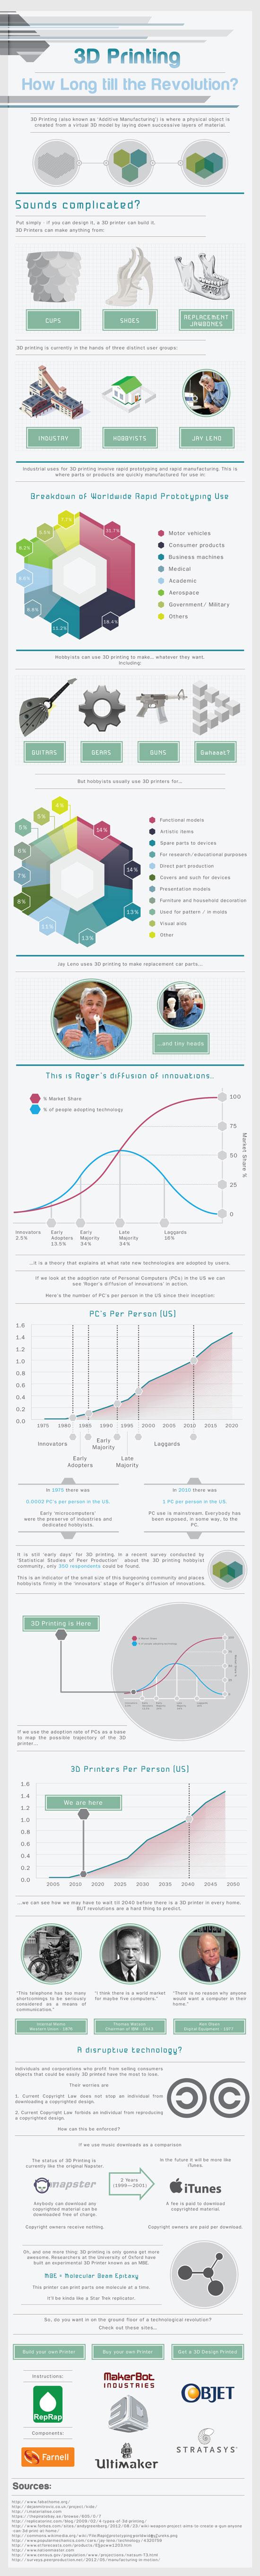 3d-druck-technologie-infografik